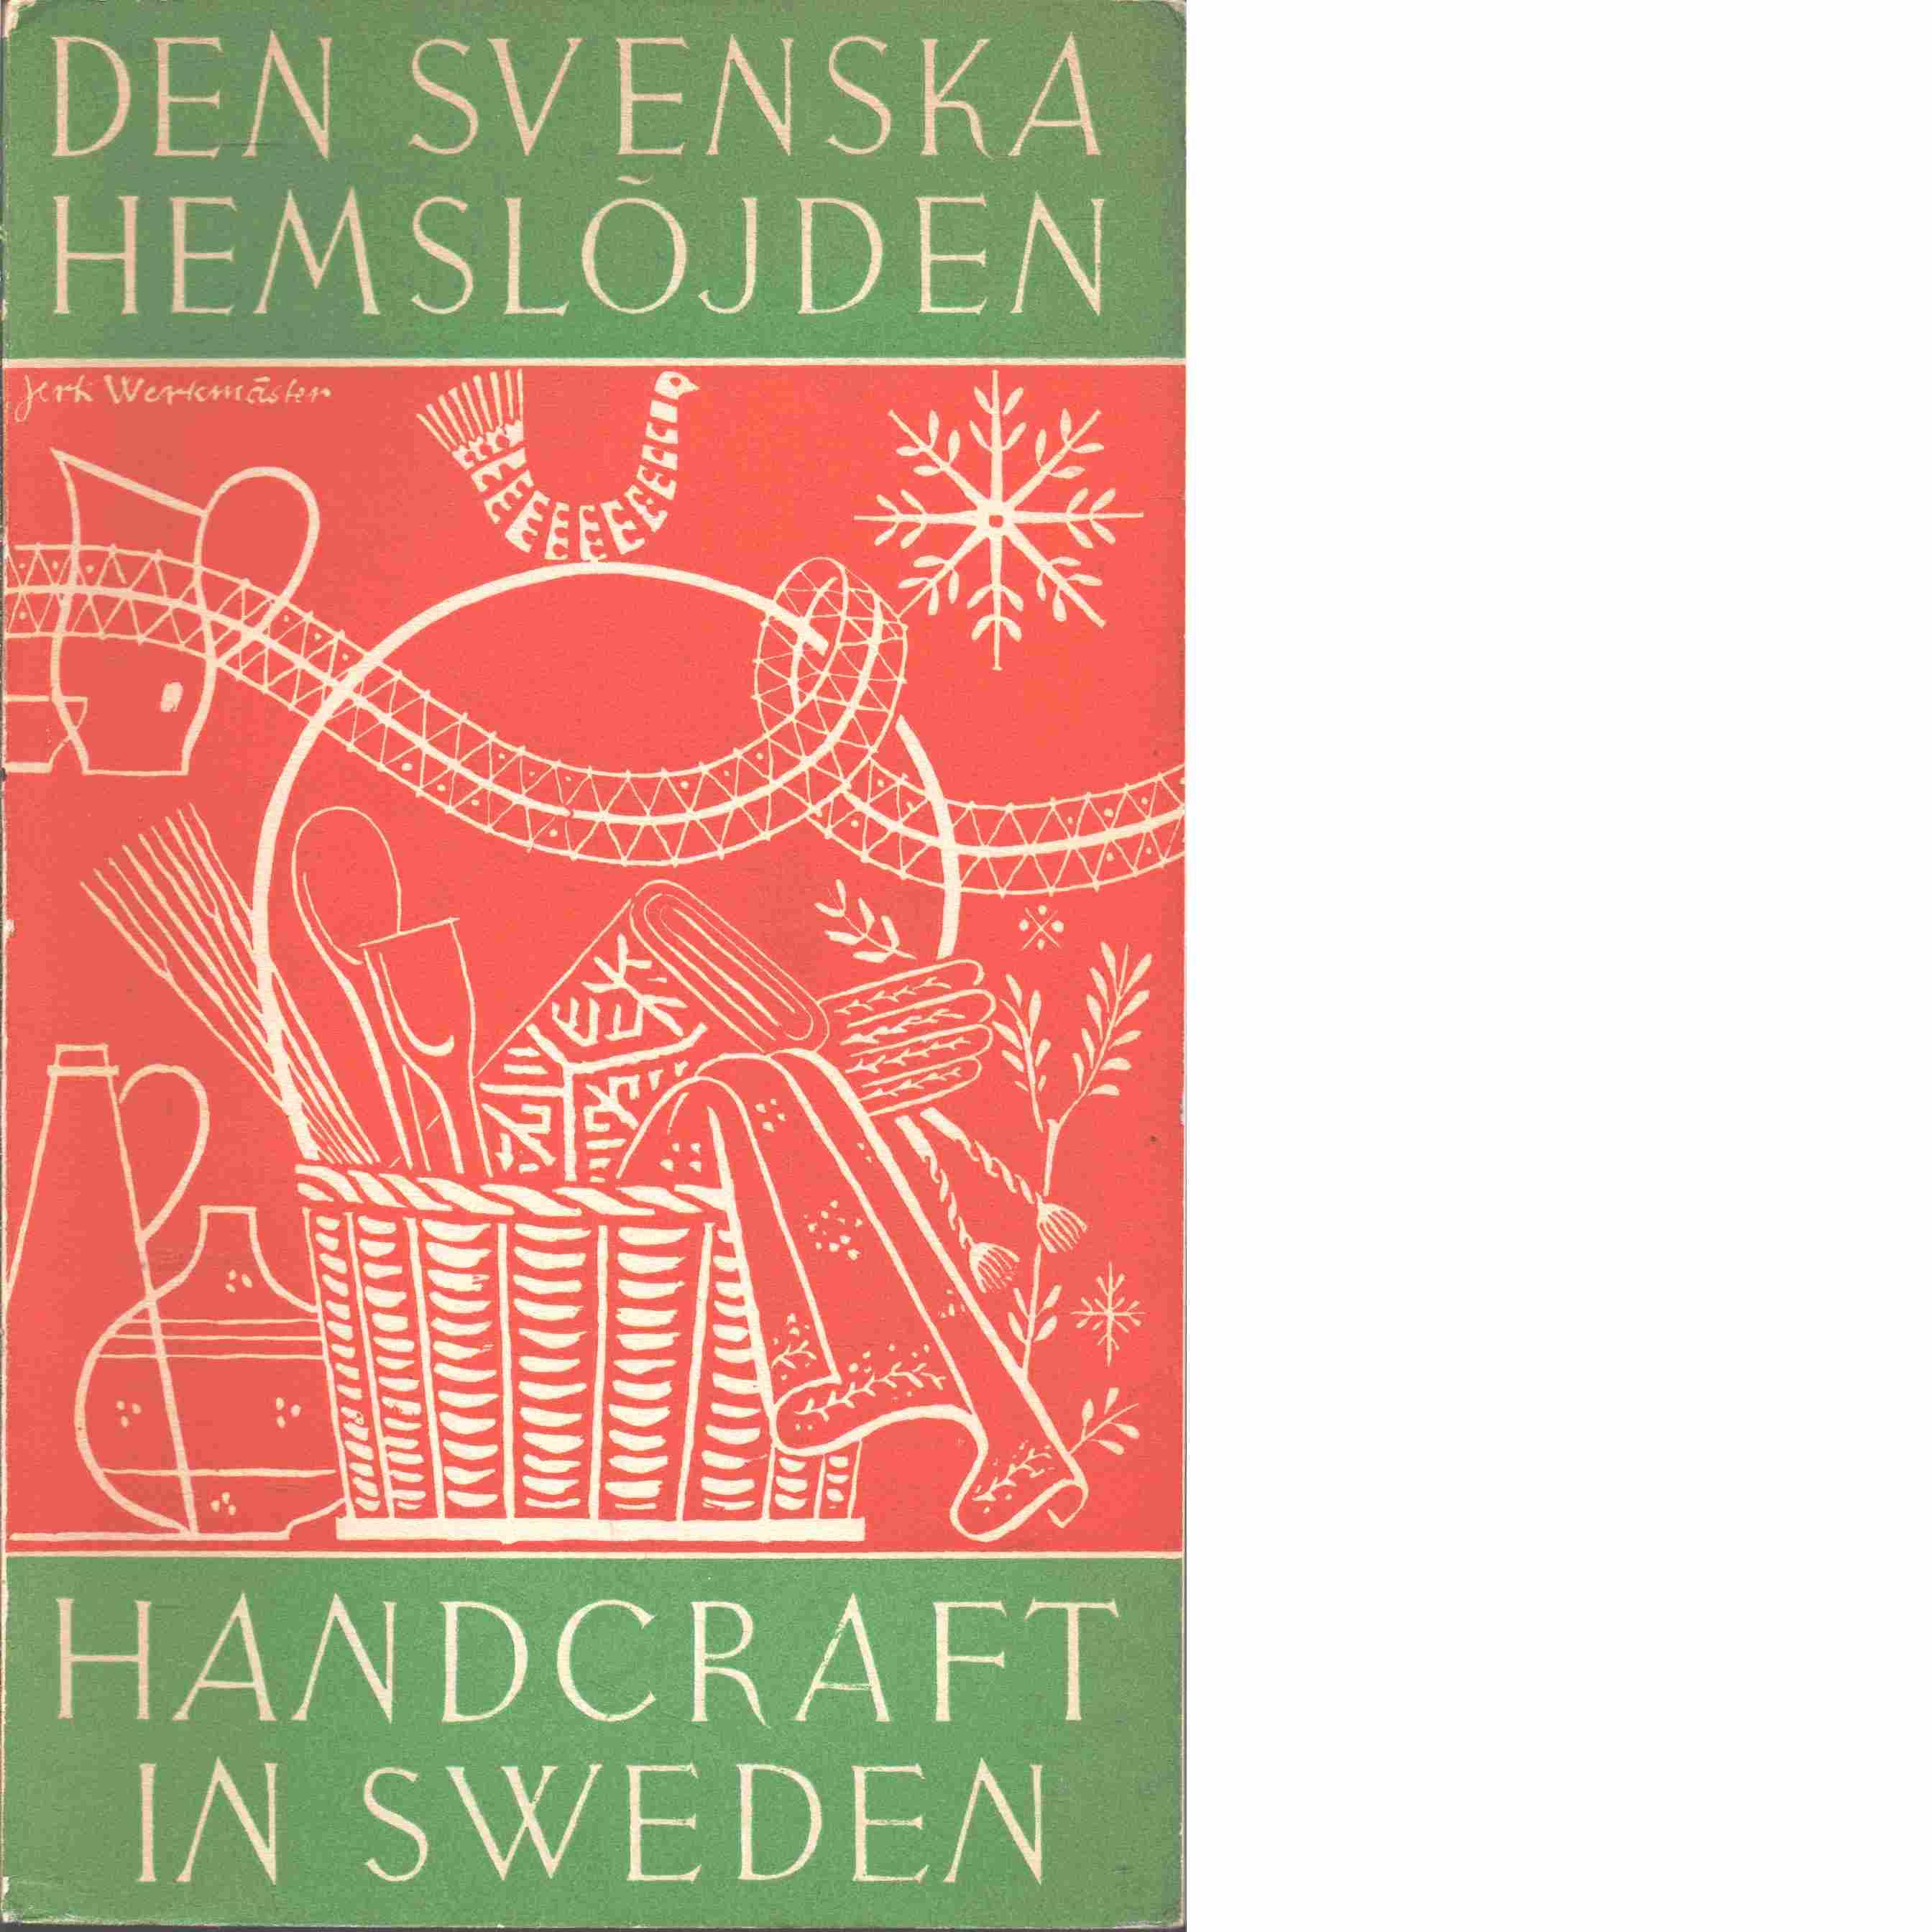 Den svenska hemslöjden : Handcraft in Sweden - Svenska hemslöjdsföreningarnas riksförbund